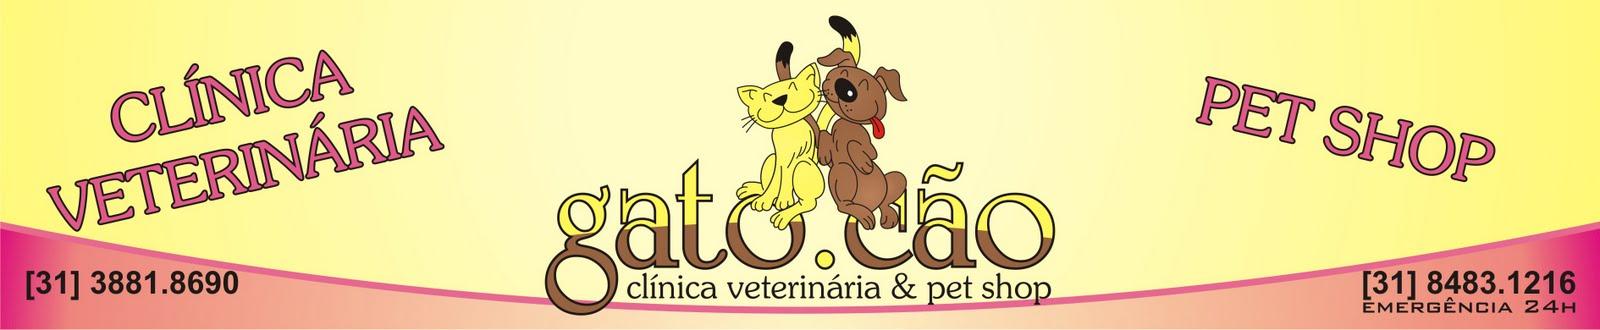 GATO.CÃO clinica veterinária e pet shop